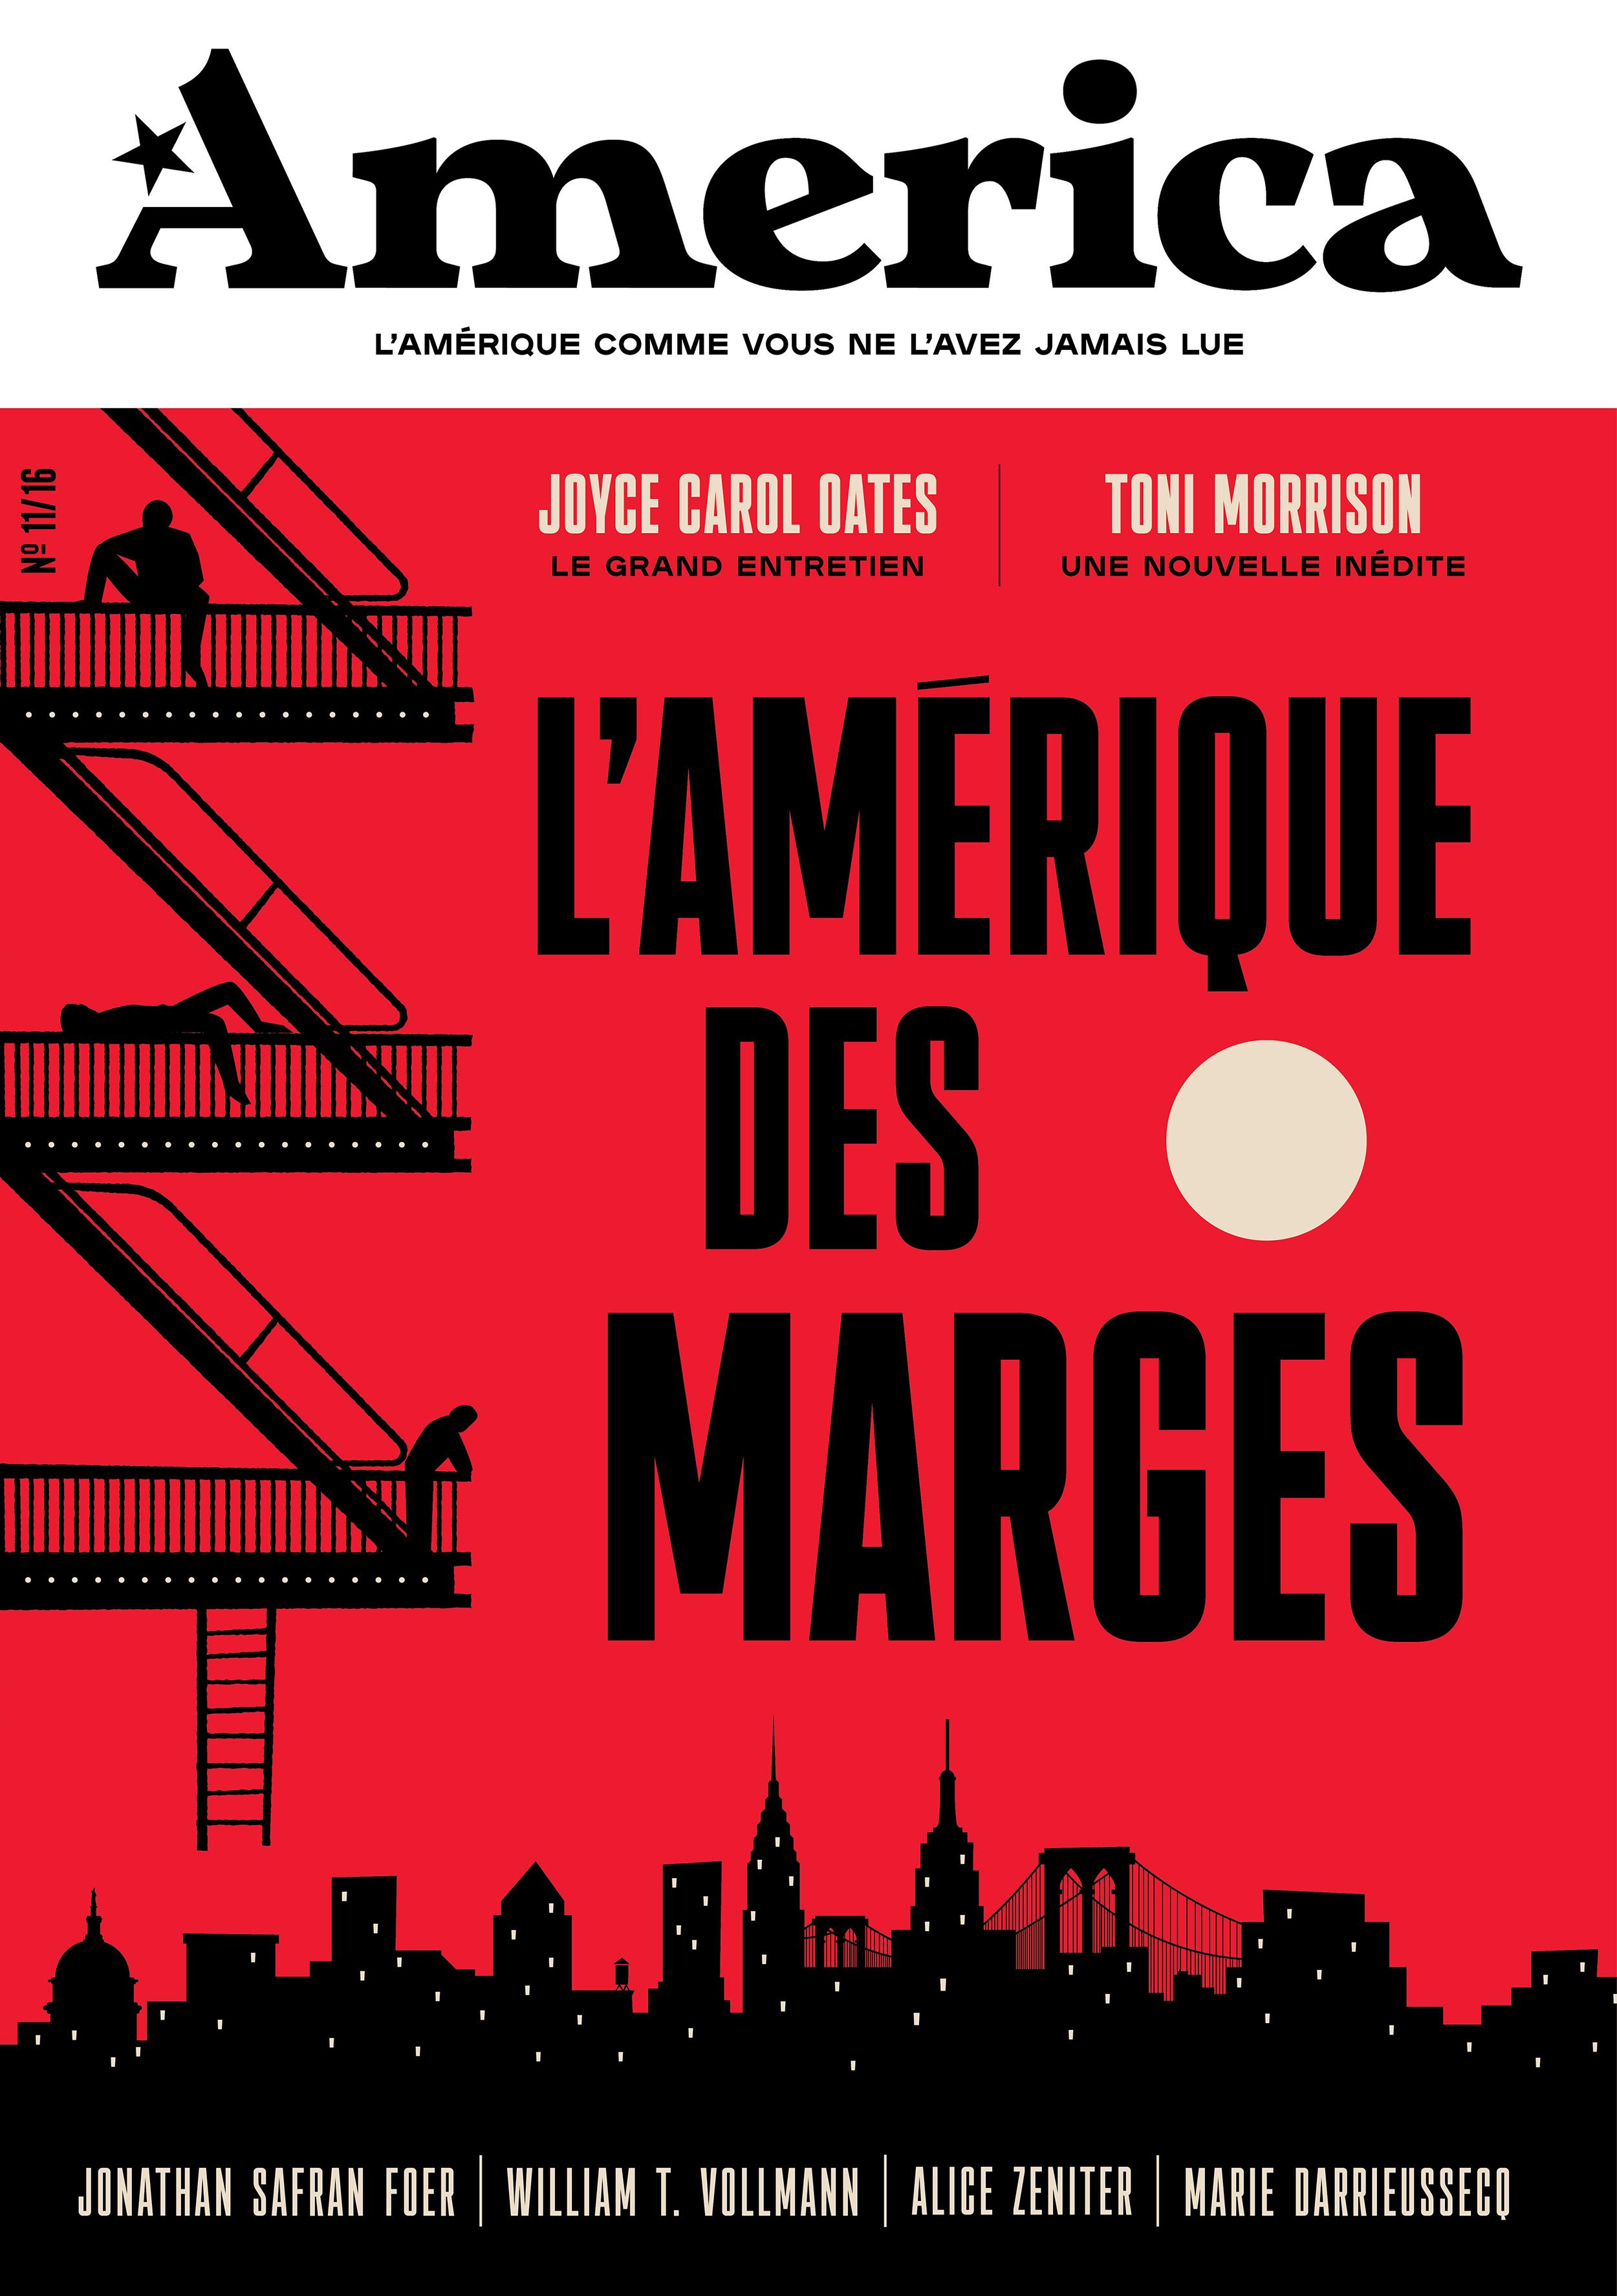 AMERICA - T11 - L'AMERIQUE DES MARGES